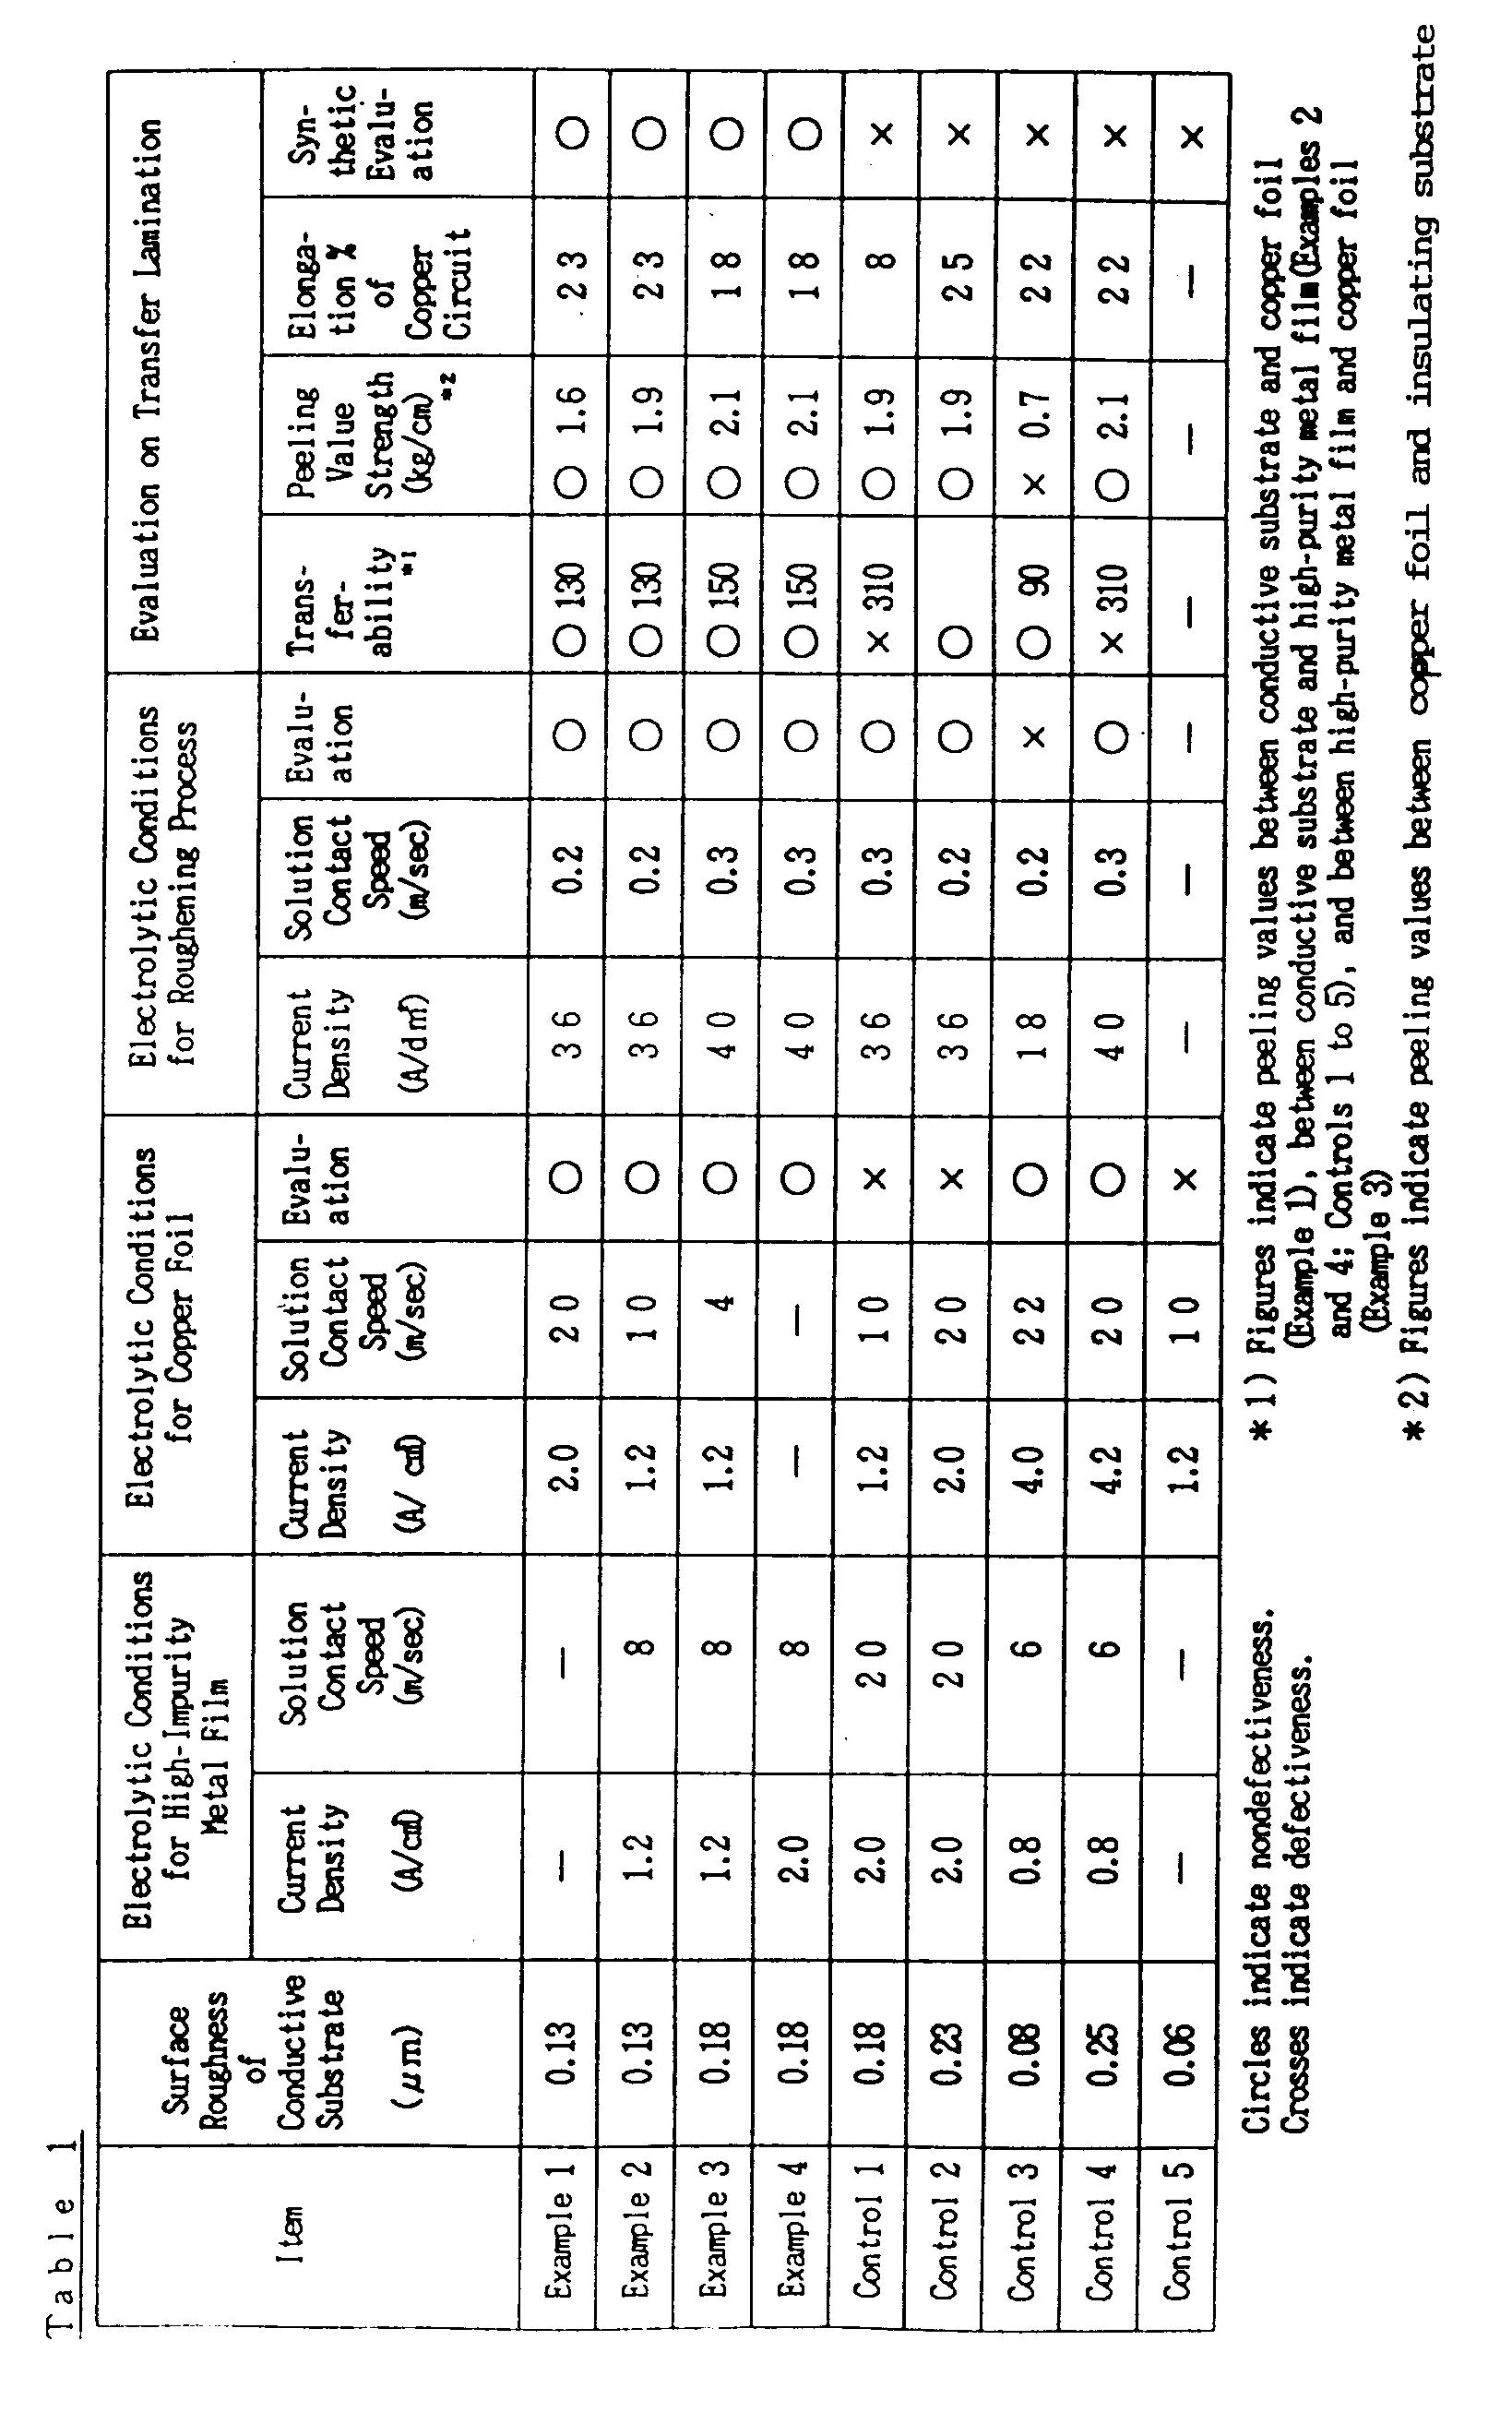 ep0258452b1